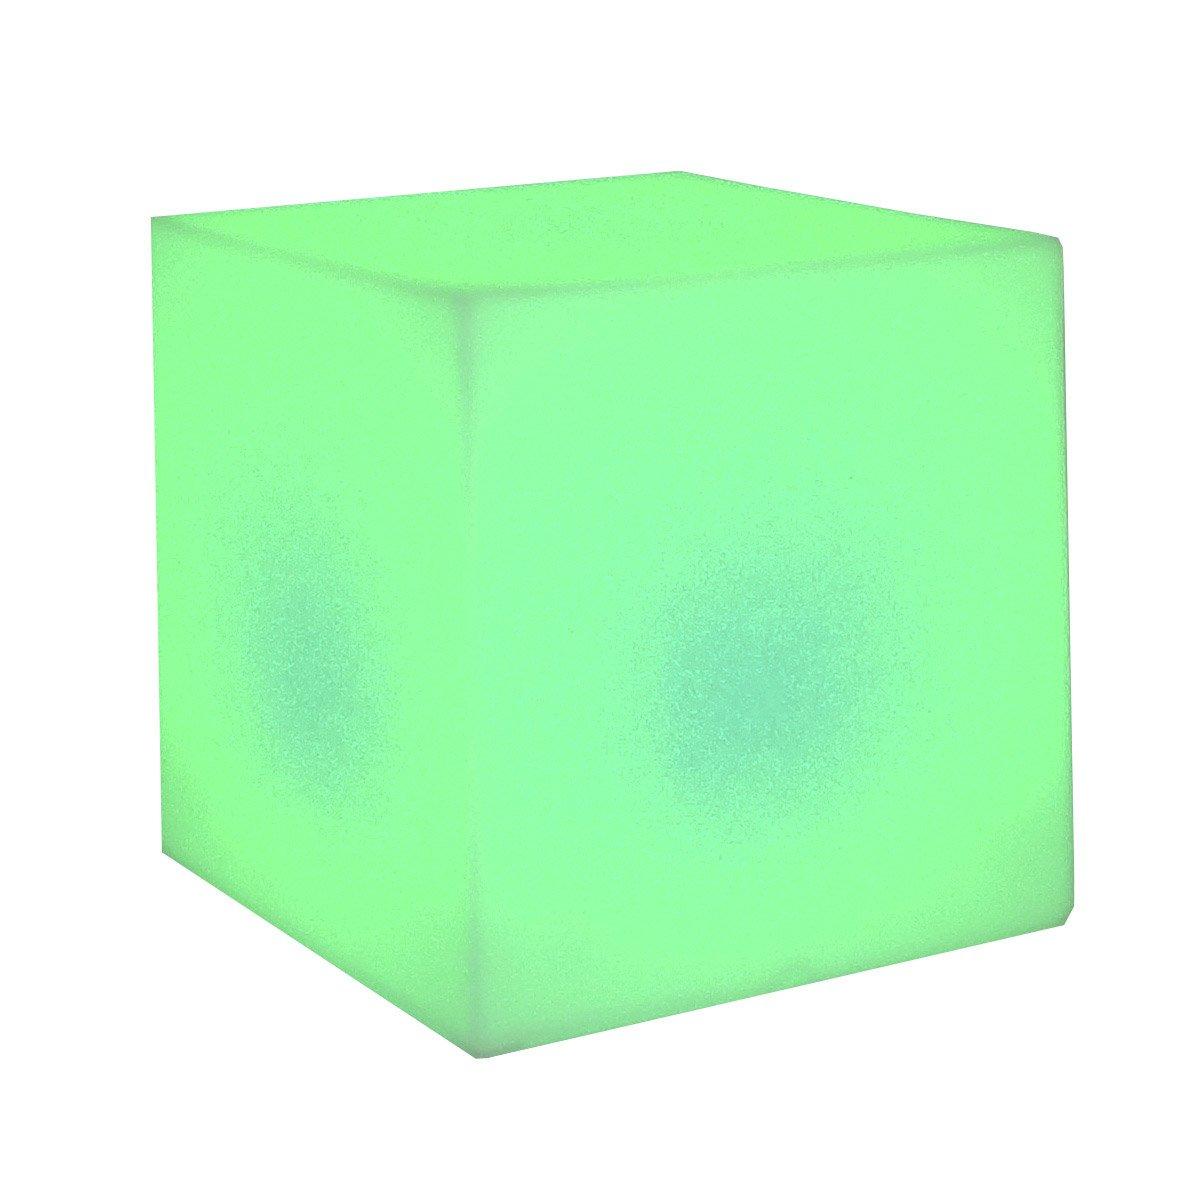 Cuby 45 Cubo iluminado Exterior bateríaa recargable LED RGB 43x43x43cm